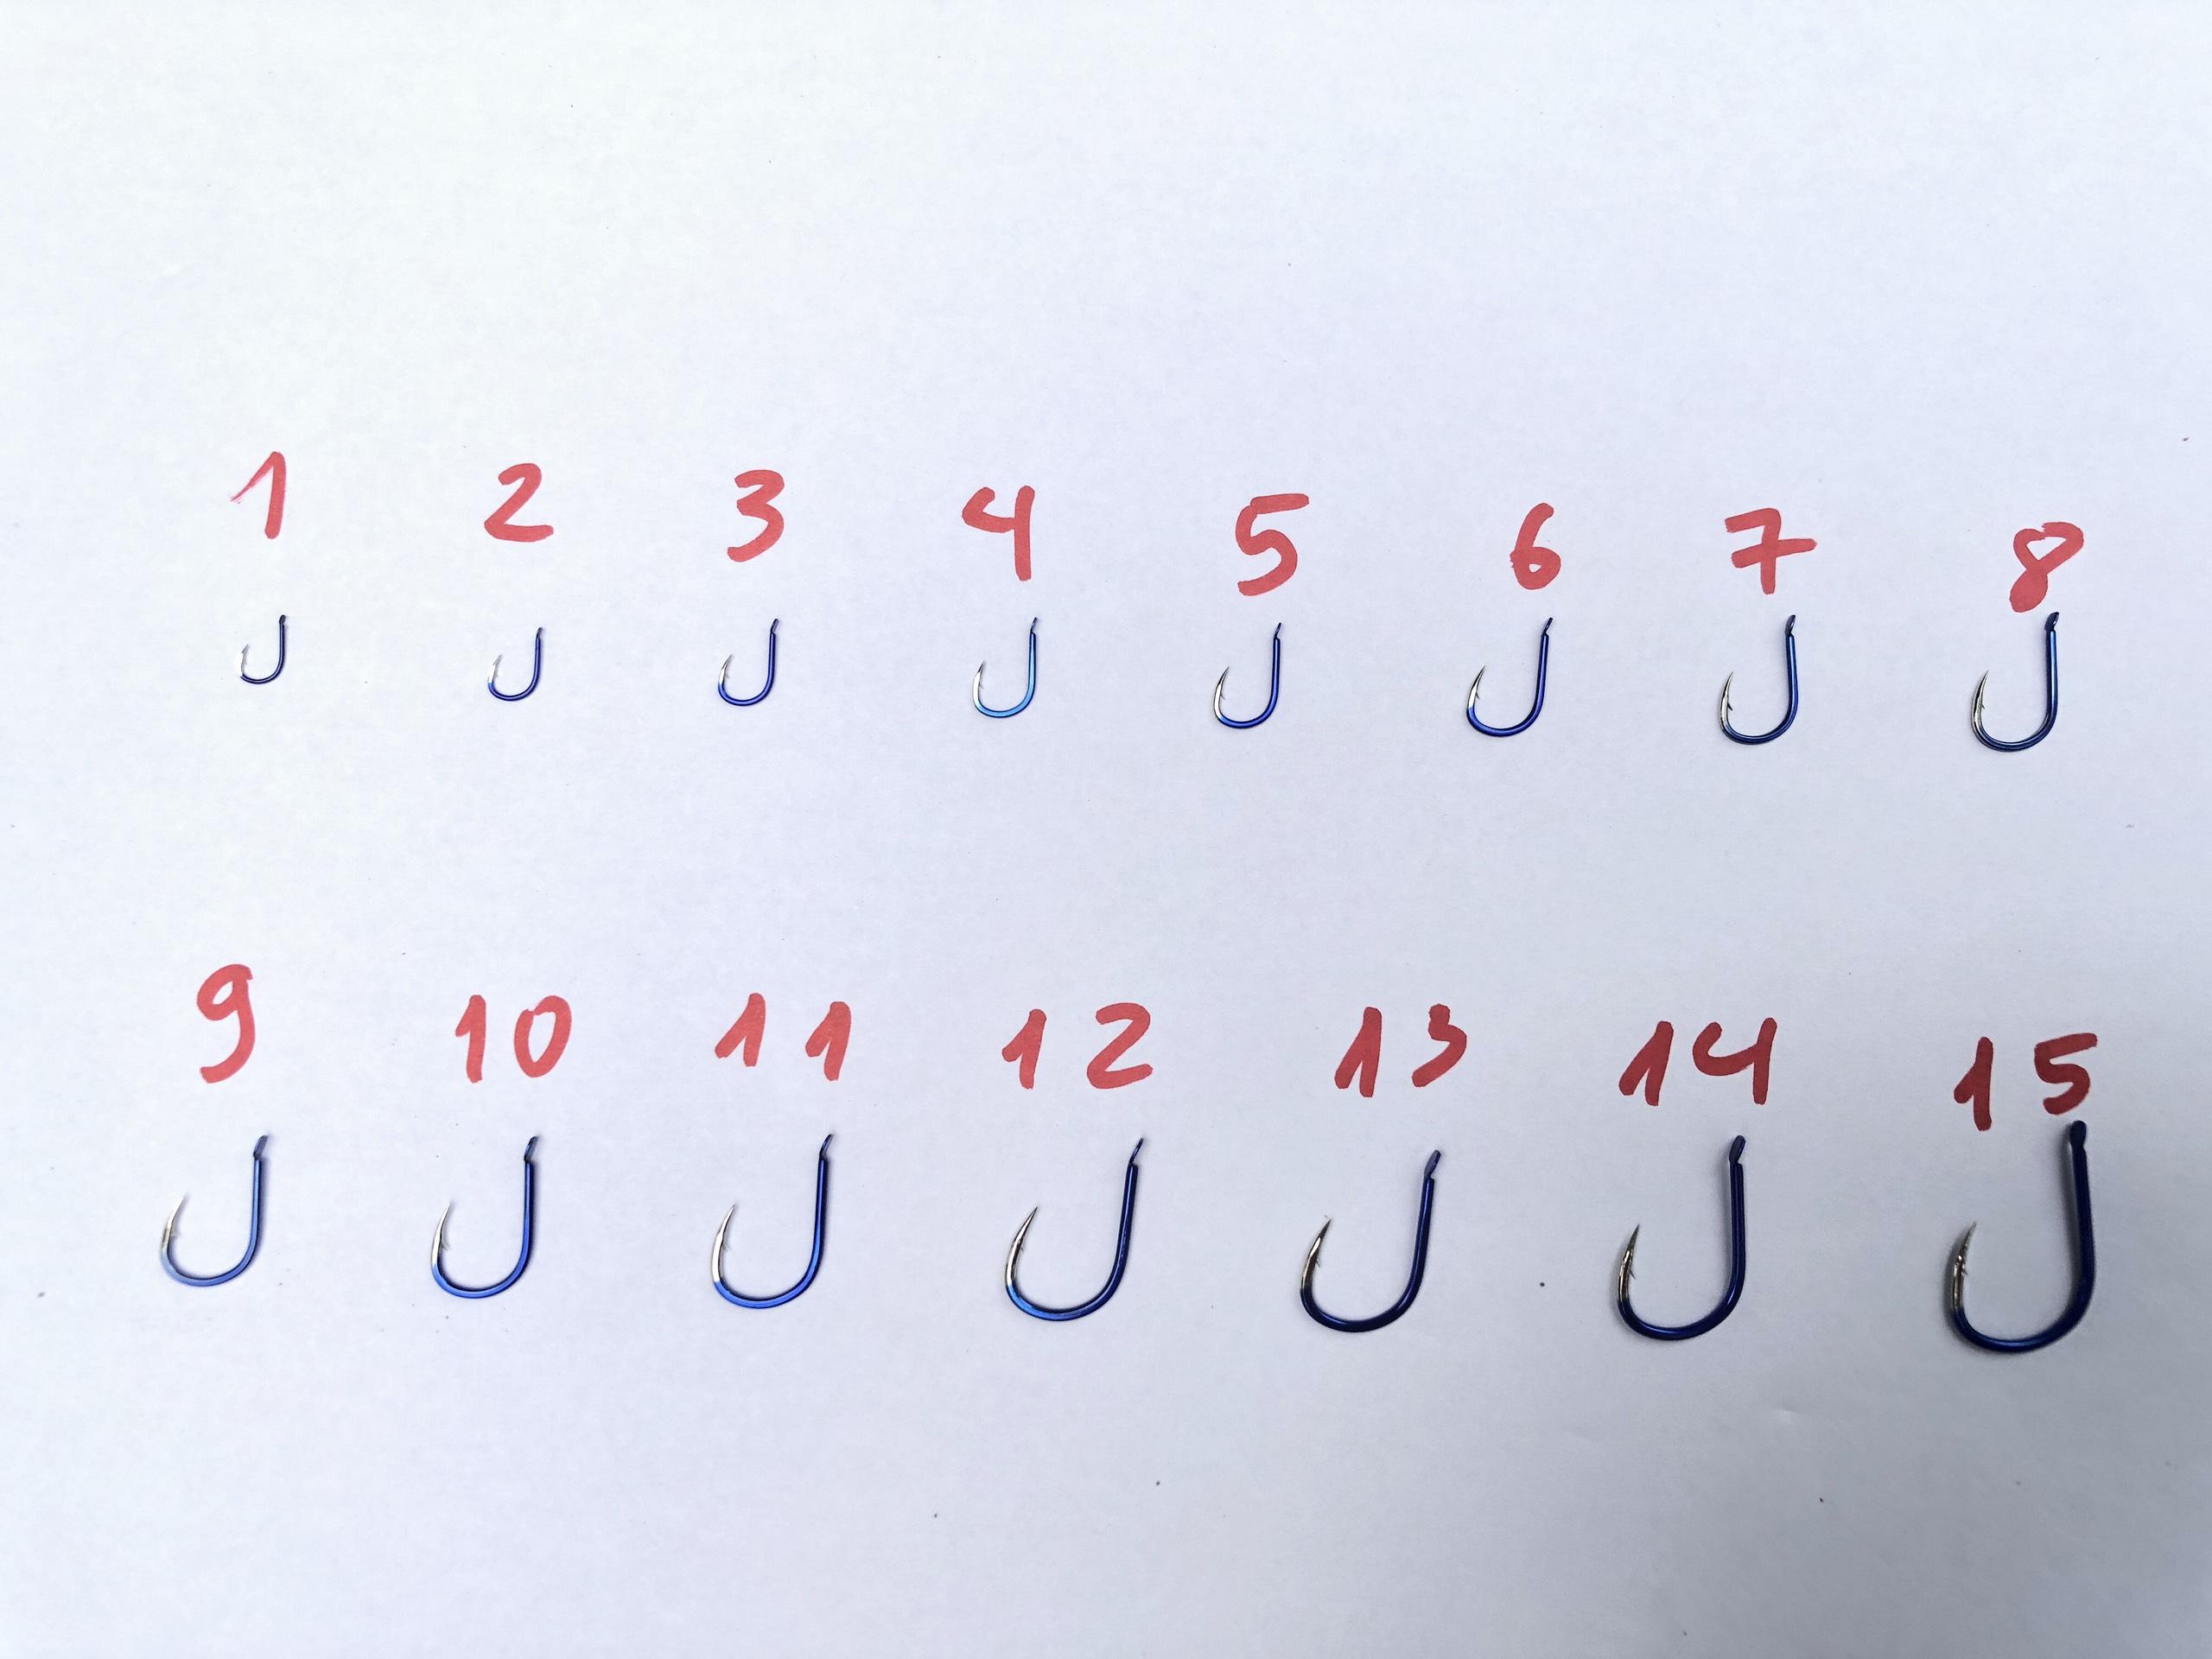 Lưỡi Câu Đơn G.W Bọc Nhựa Có Nghạnh , 1 vỉ 10 lưỡi , Lưỡi Nhạy Bén , Cứng Cáp 2